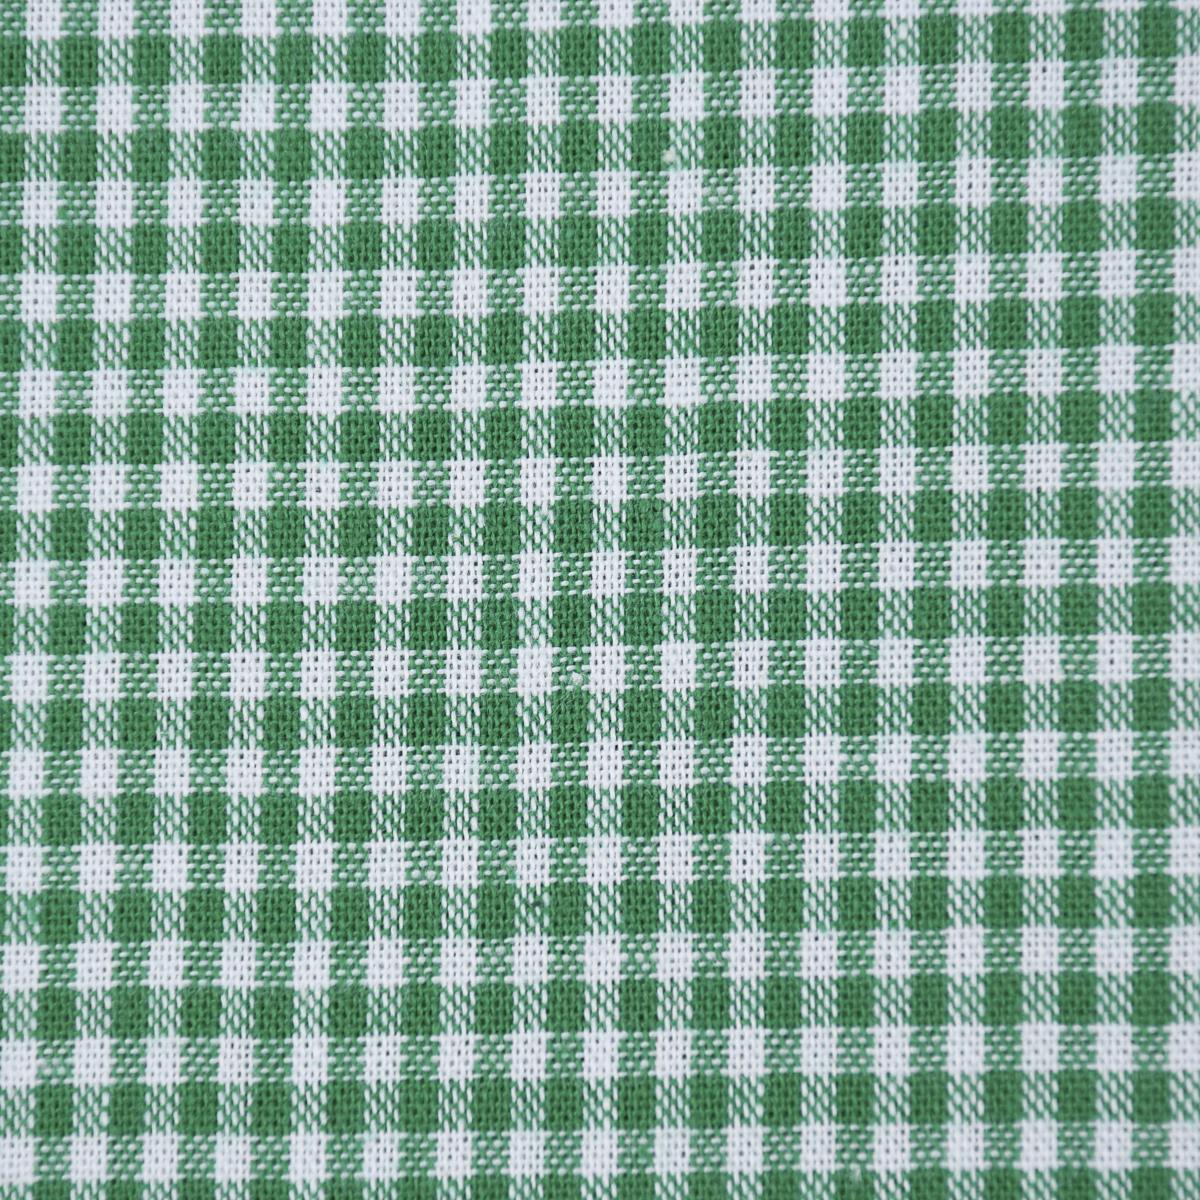 Baumwollstoff kariert weiß grasgrün 2mm 1,4m Breite